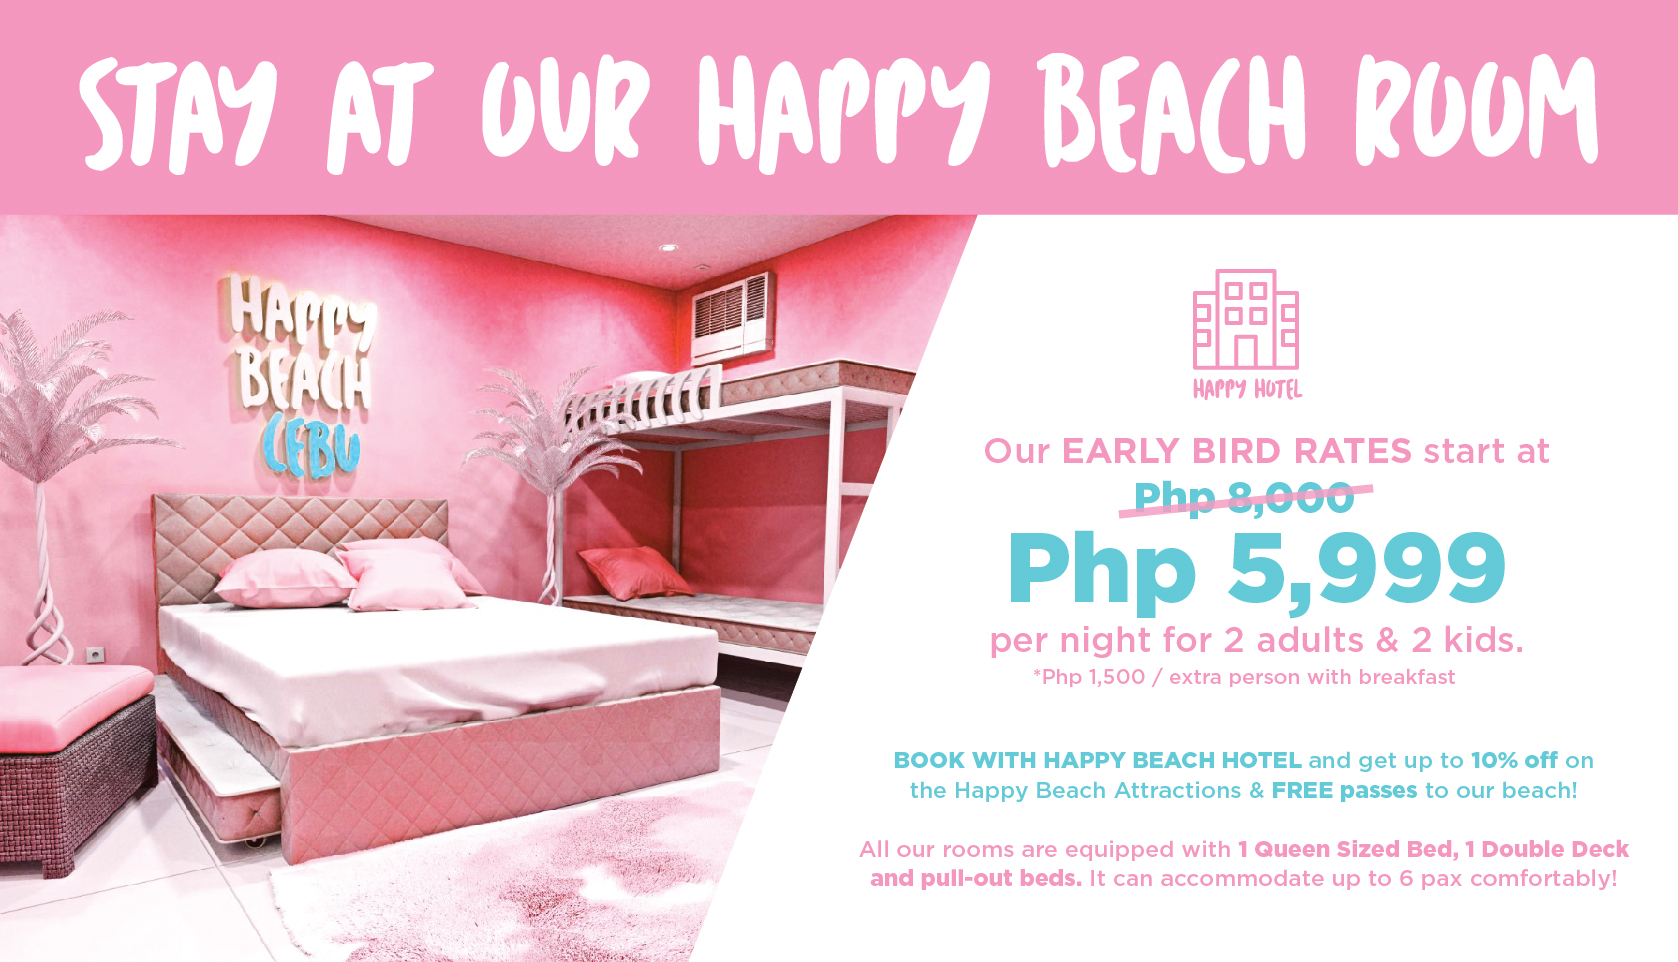 Photo from Happy Beach Cebu